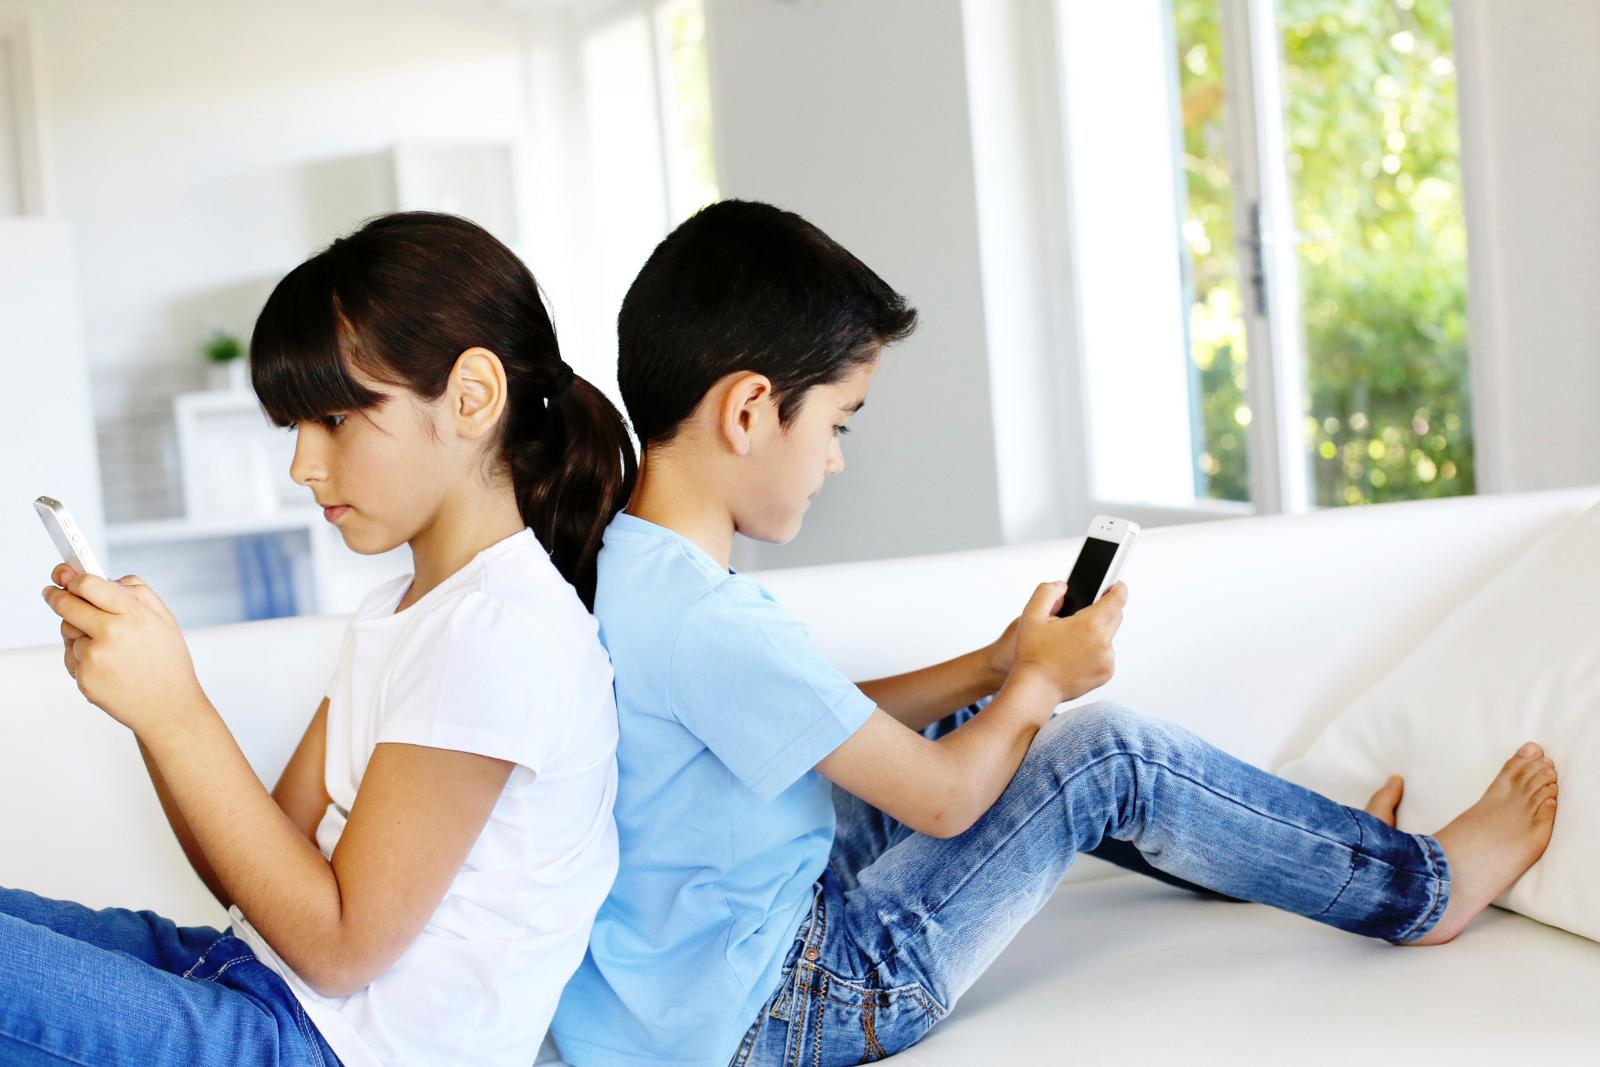 ideas-de-acuerdos-para-el-uso-del-telefono-celular-en-ninos-2